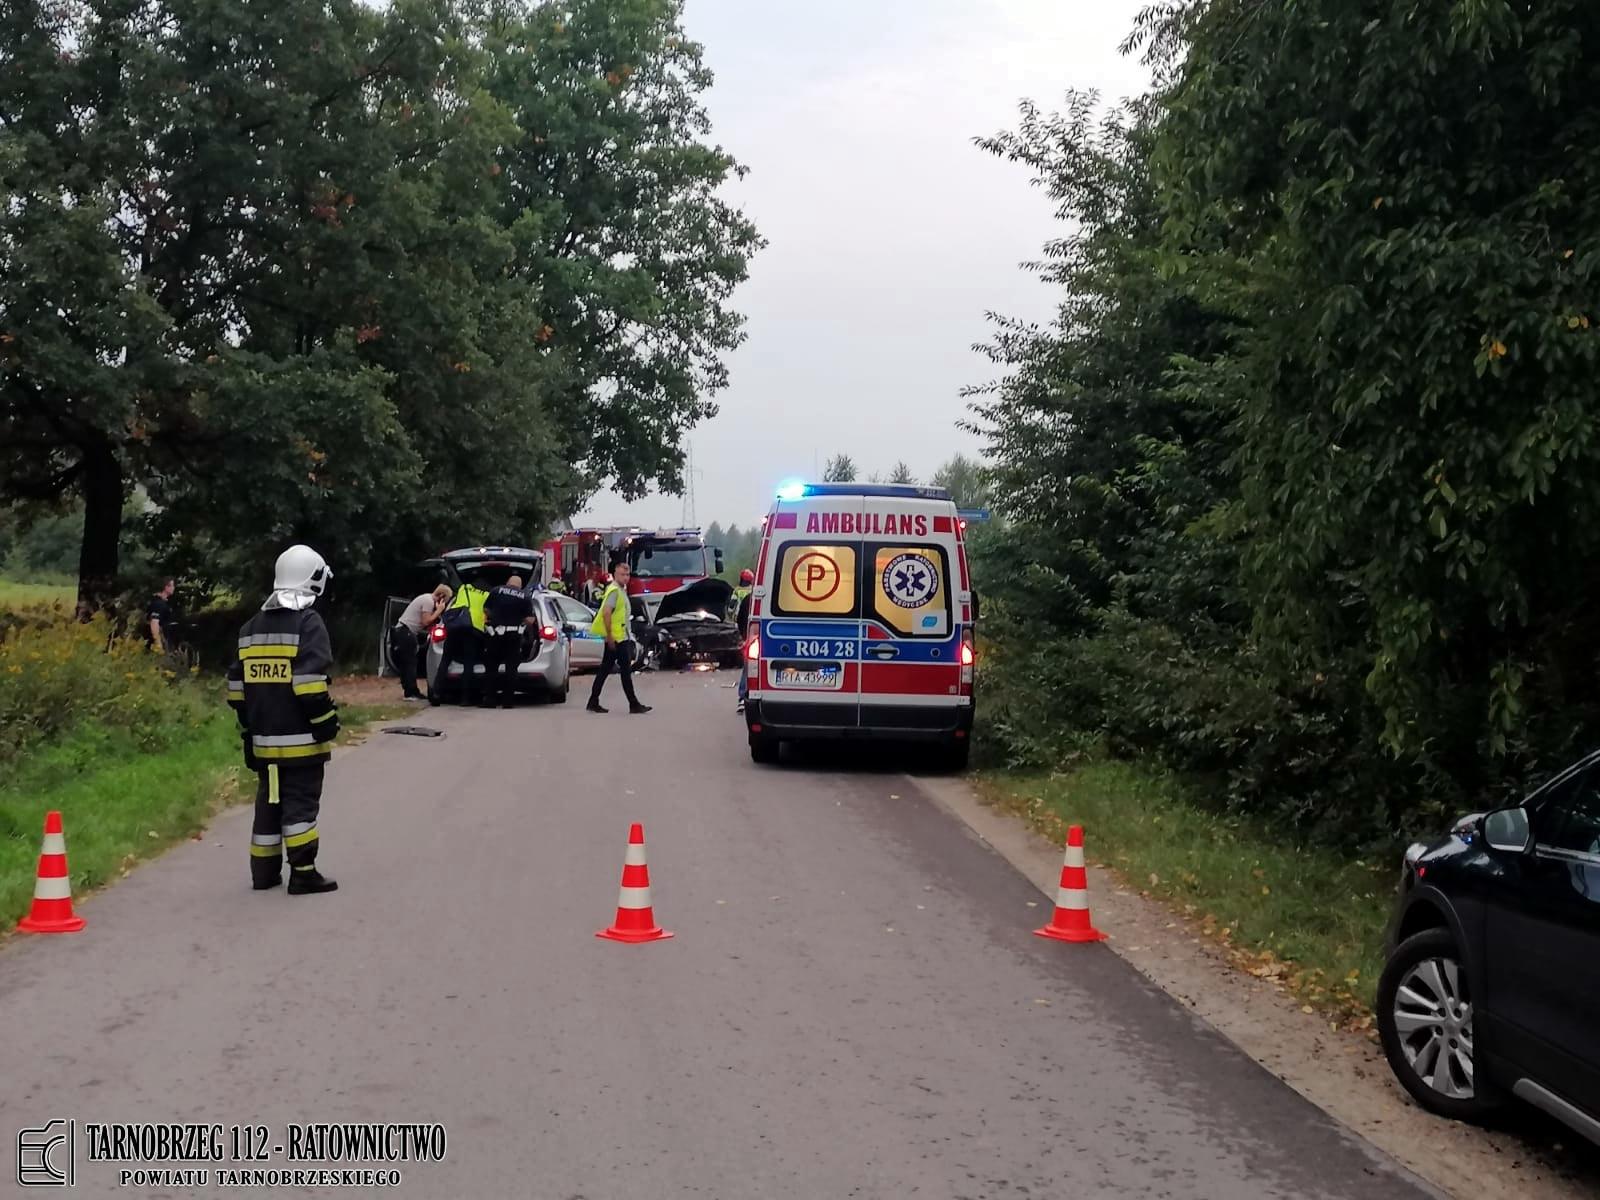 POLICYJNY POŚCIG zakończony wypadkiem! Rozbite dwa pojazdy, cztery osoby ranne! [ZDJĘCIA] - Zdjęcie główne